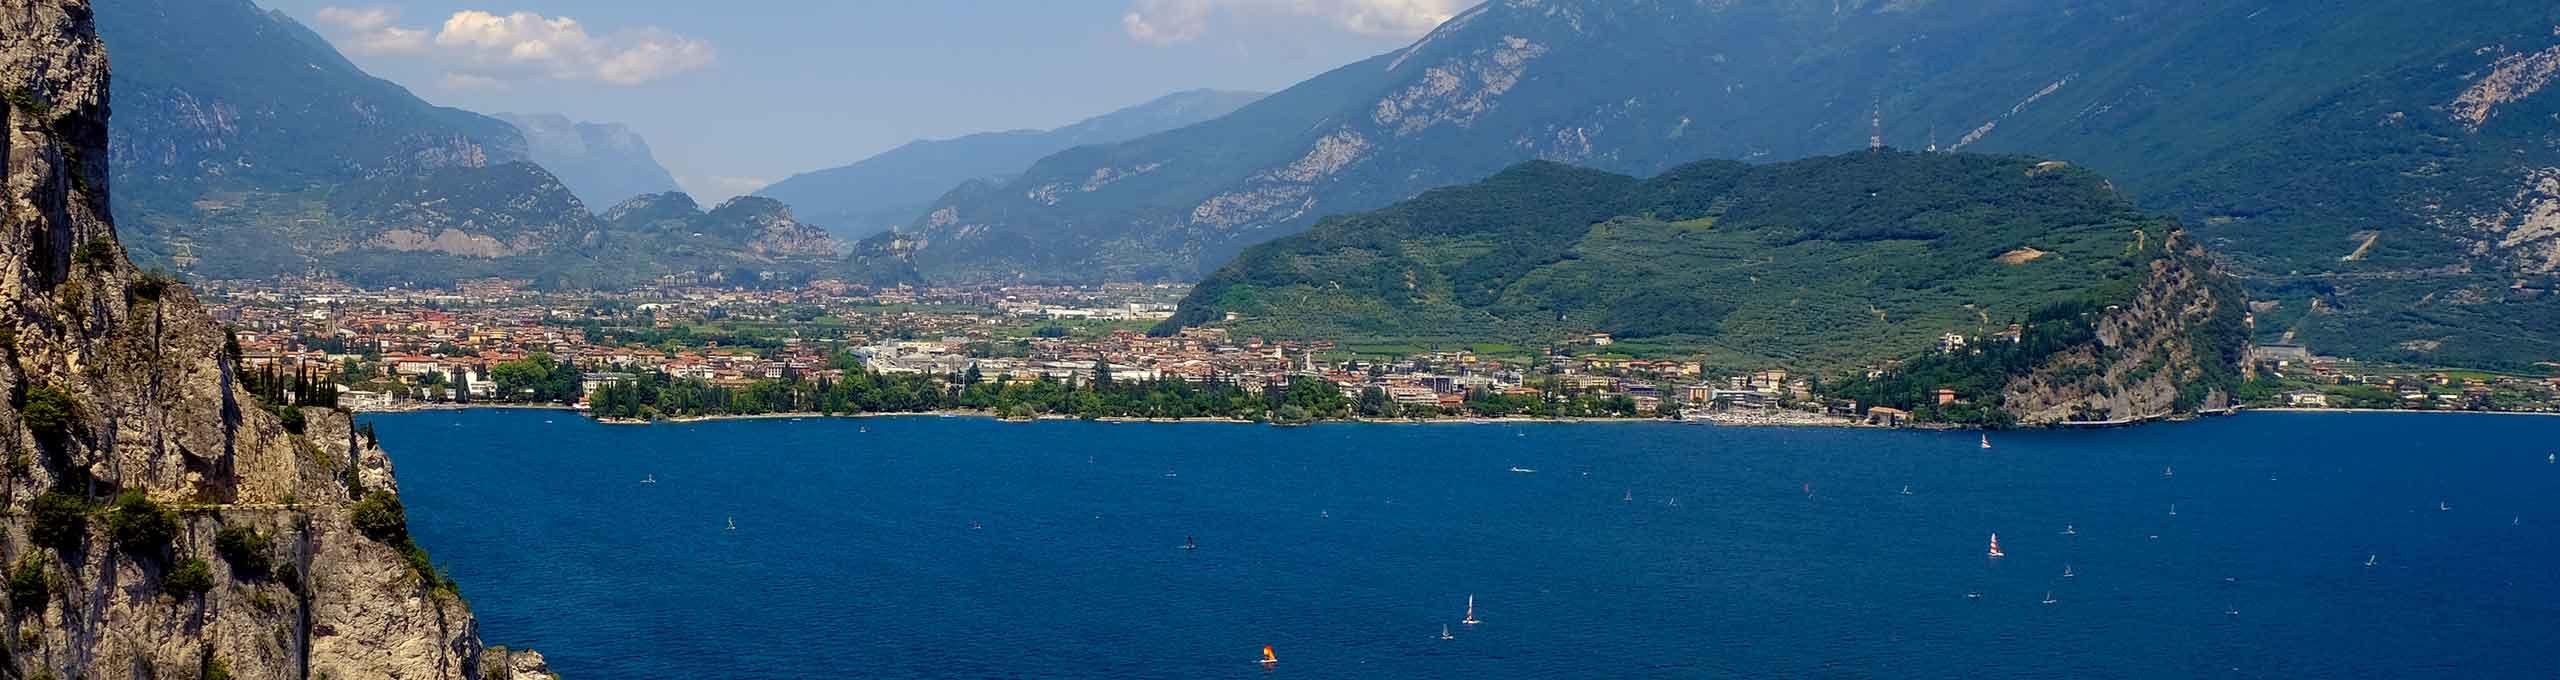 Bione, Valle Sabbia, Brescia